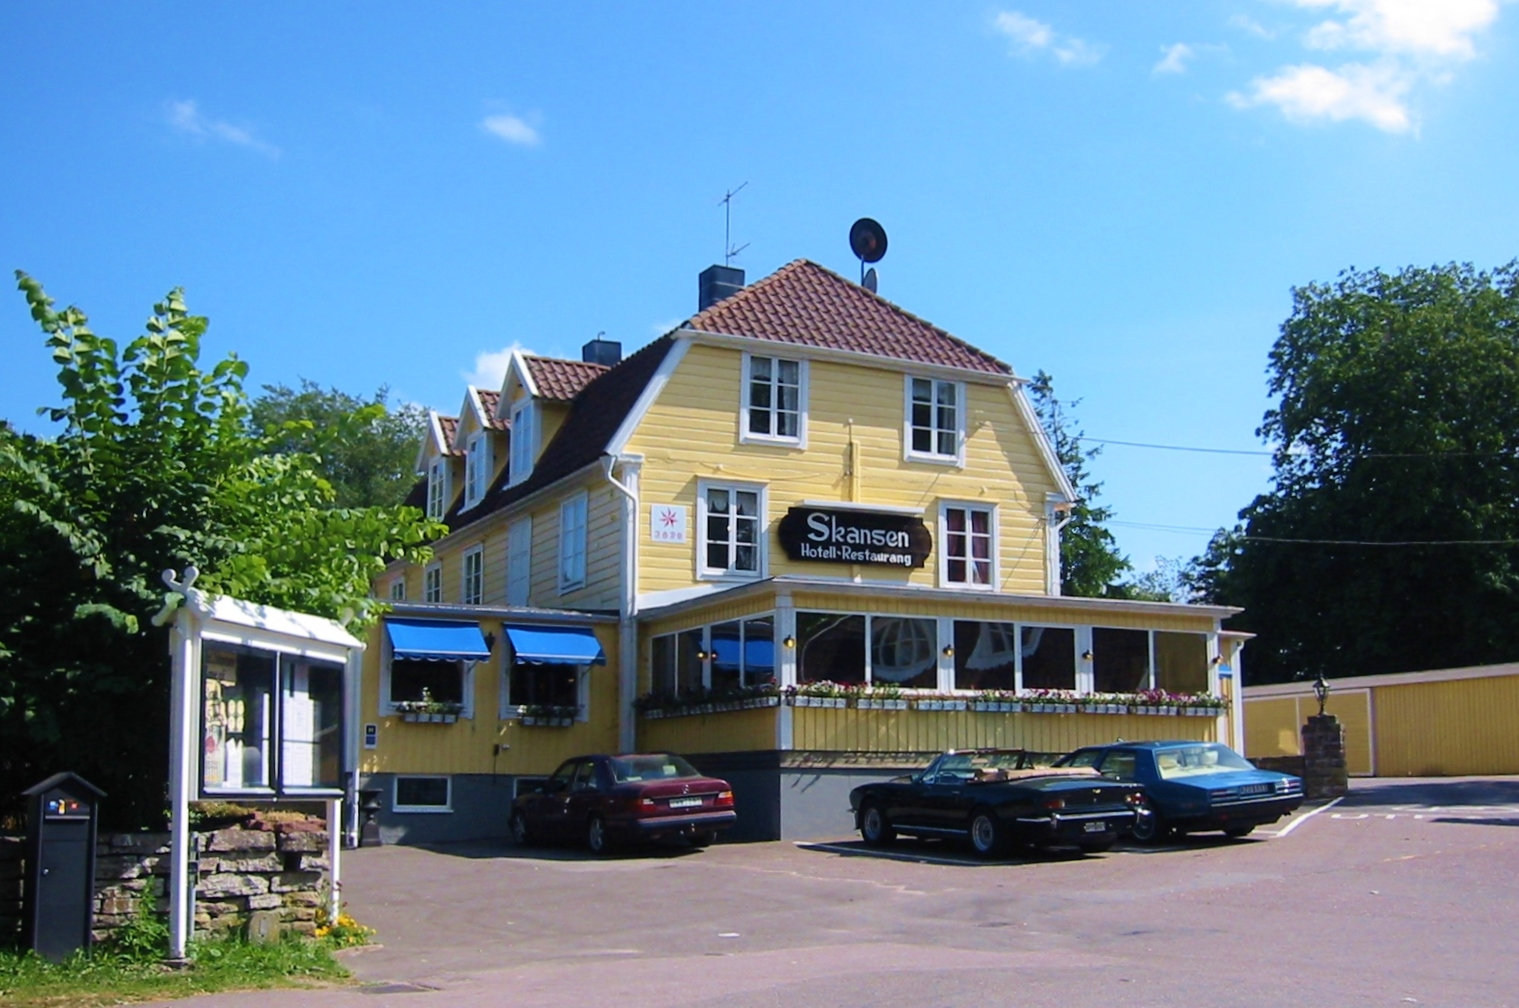 HOTELL SKANSEN FÄRJESTADEN